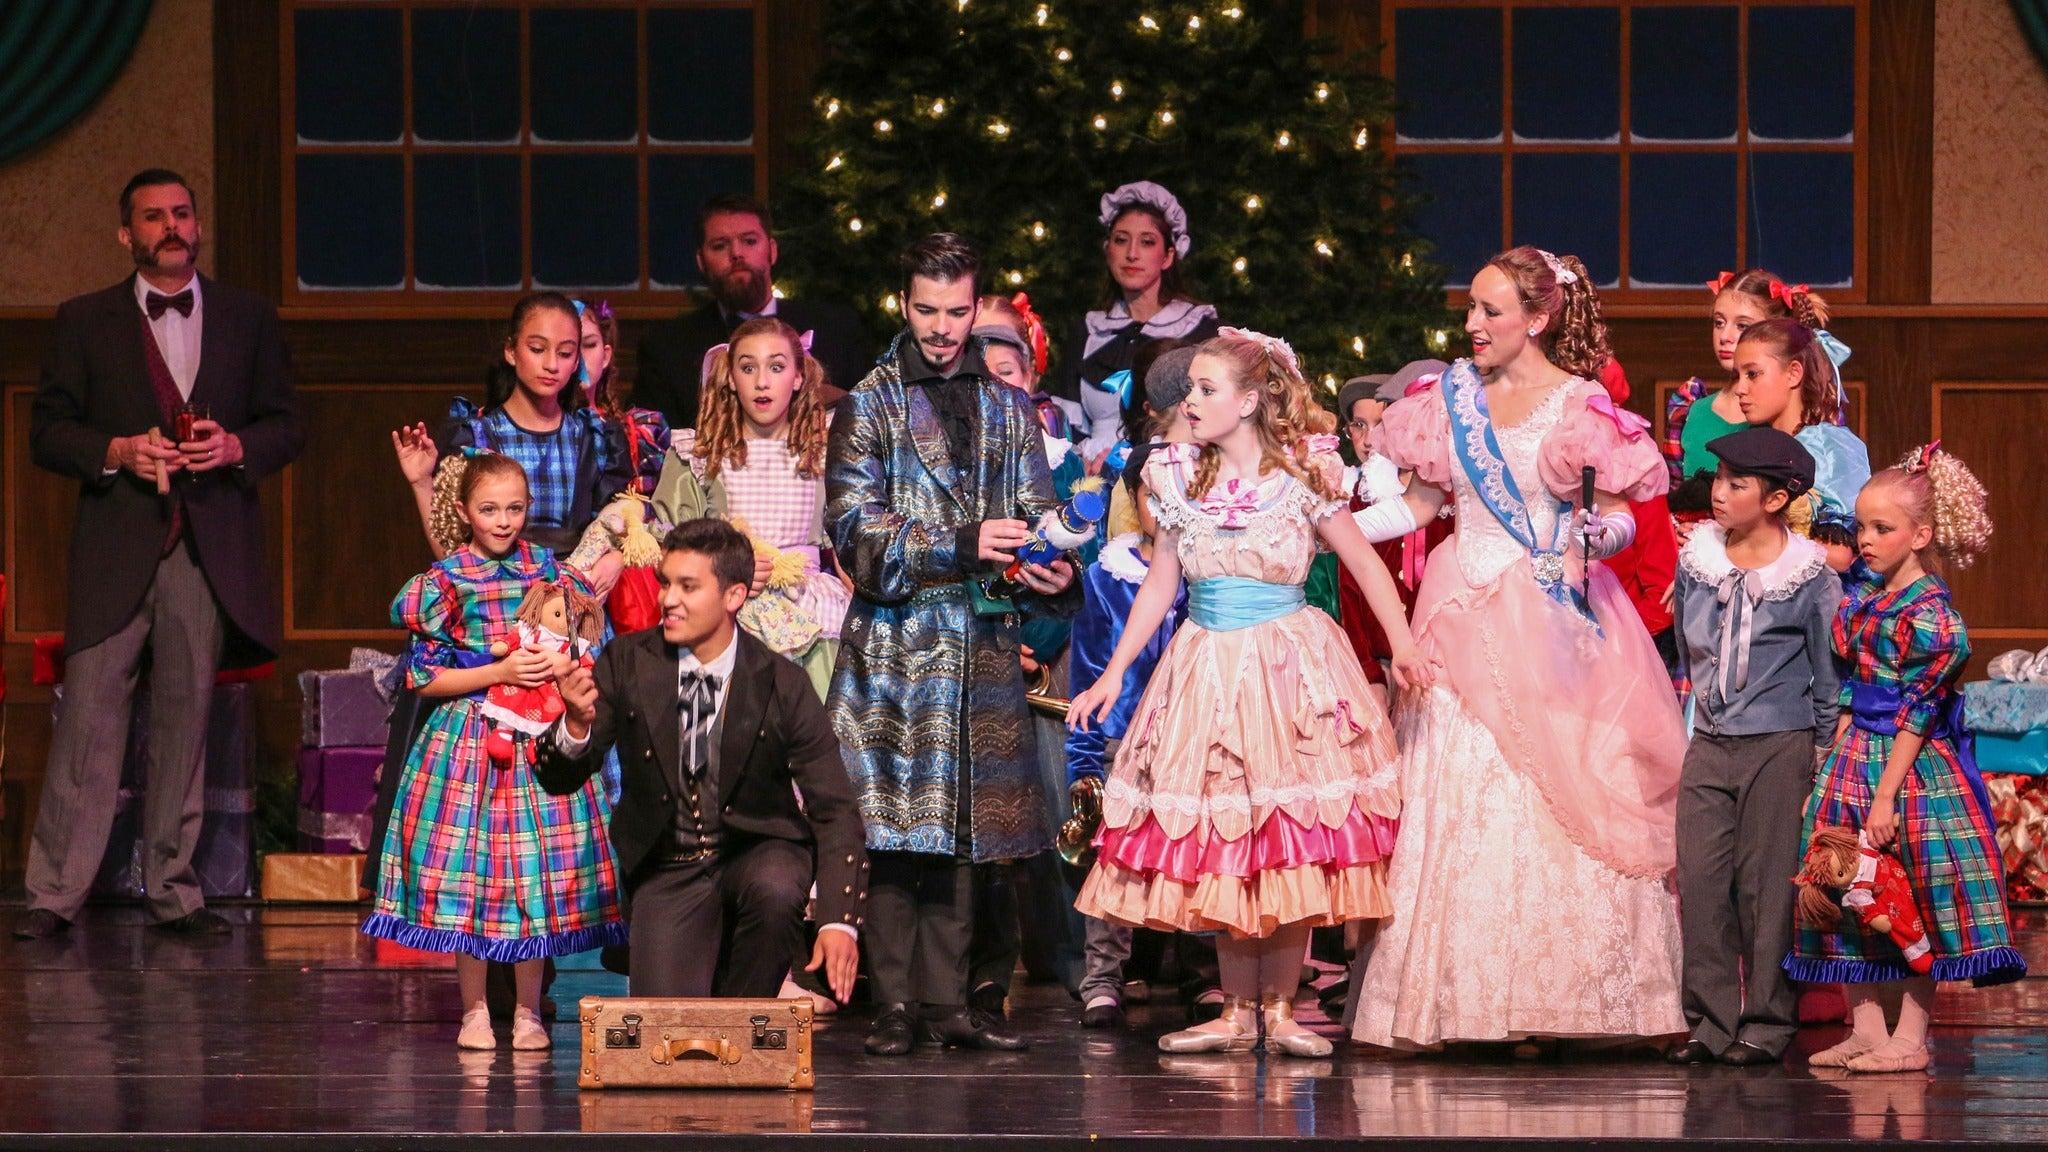 Los Gatos Ballet's Nutcracker at Flint Center - Cupertino, CA 95014